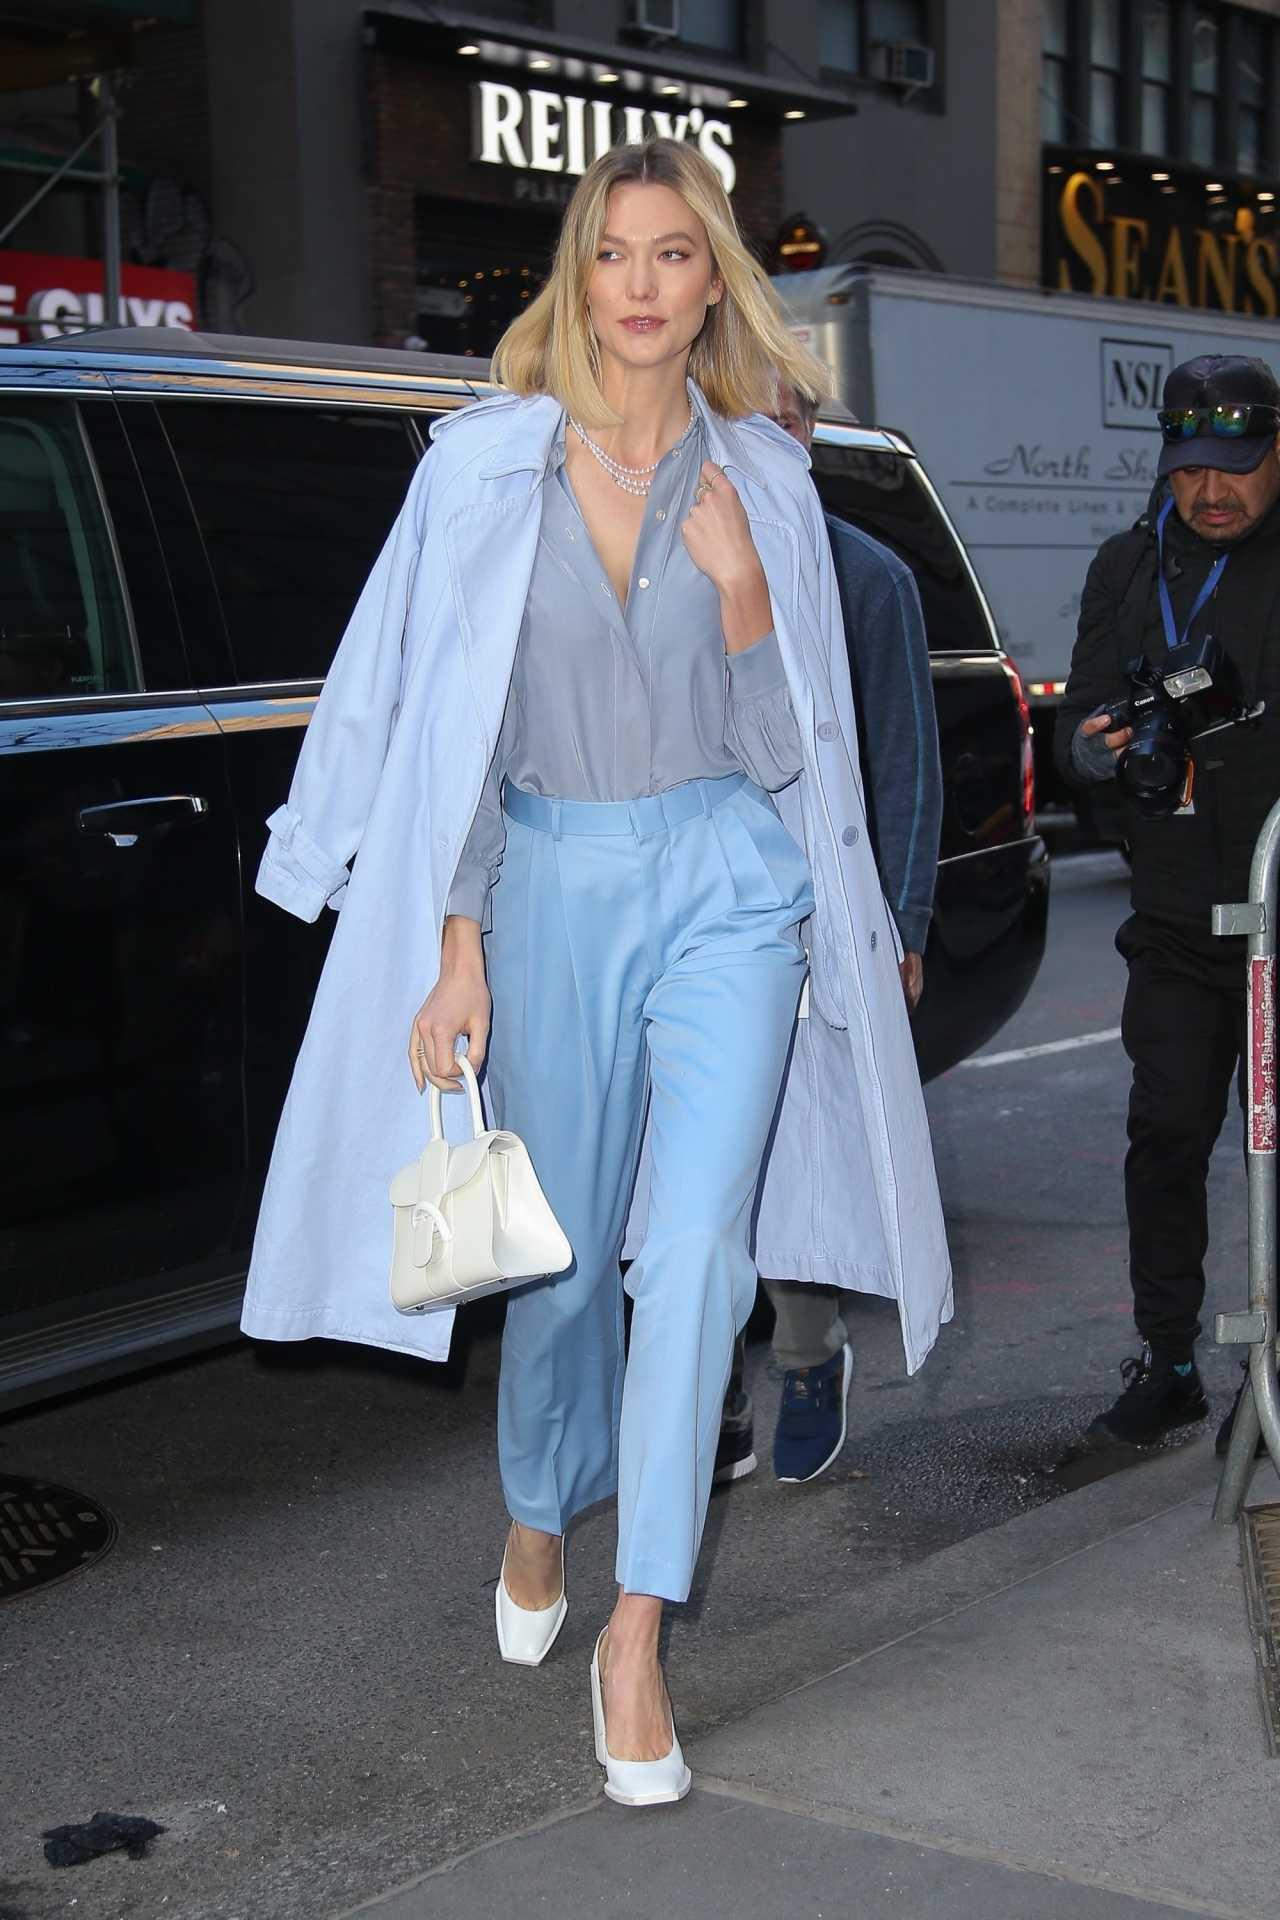 Karlie Kloss - Looks stunning in New York City